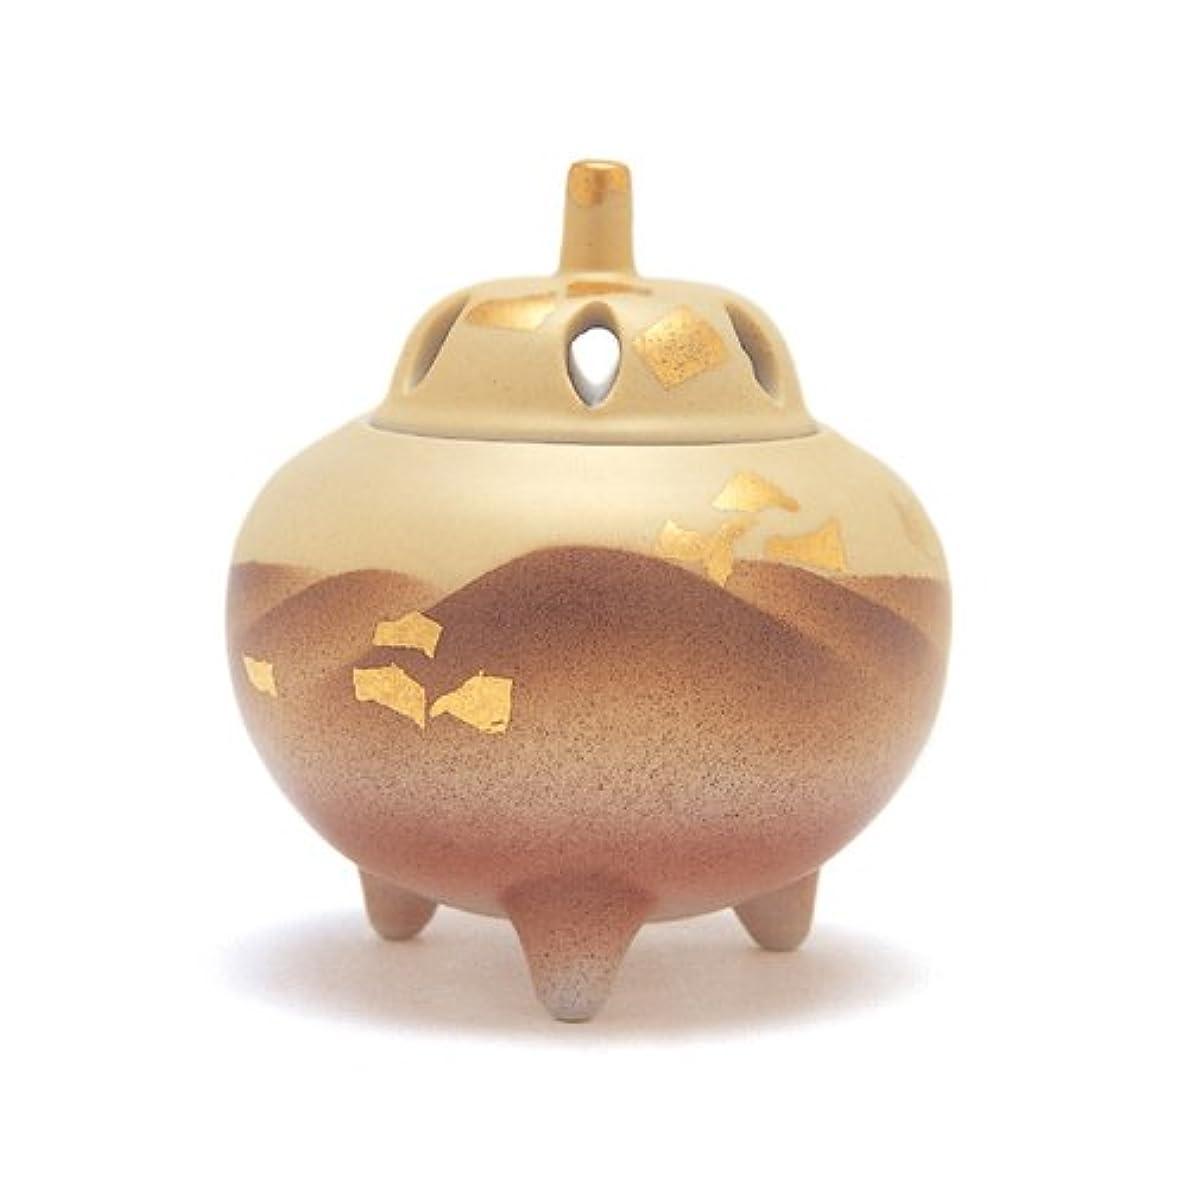 調和のとれたつぶす囲い香炉 2.5号 金彩連山 花九谷 作